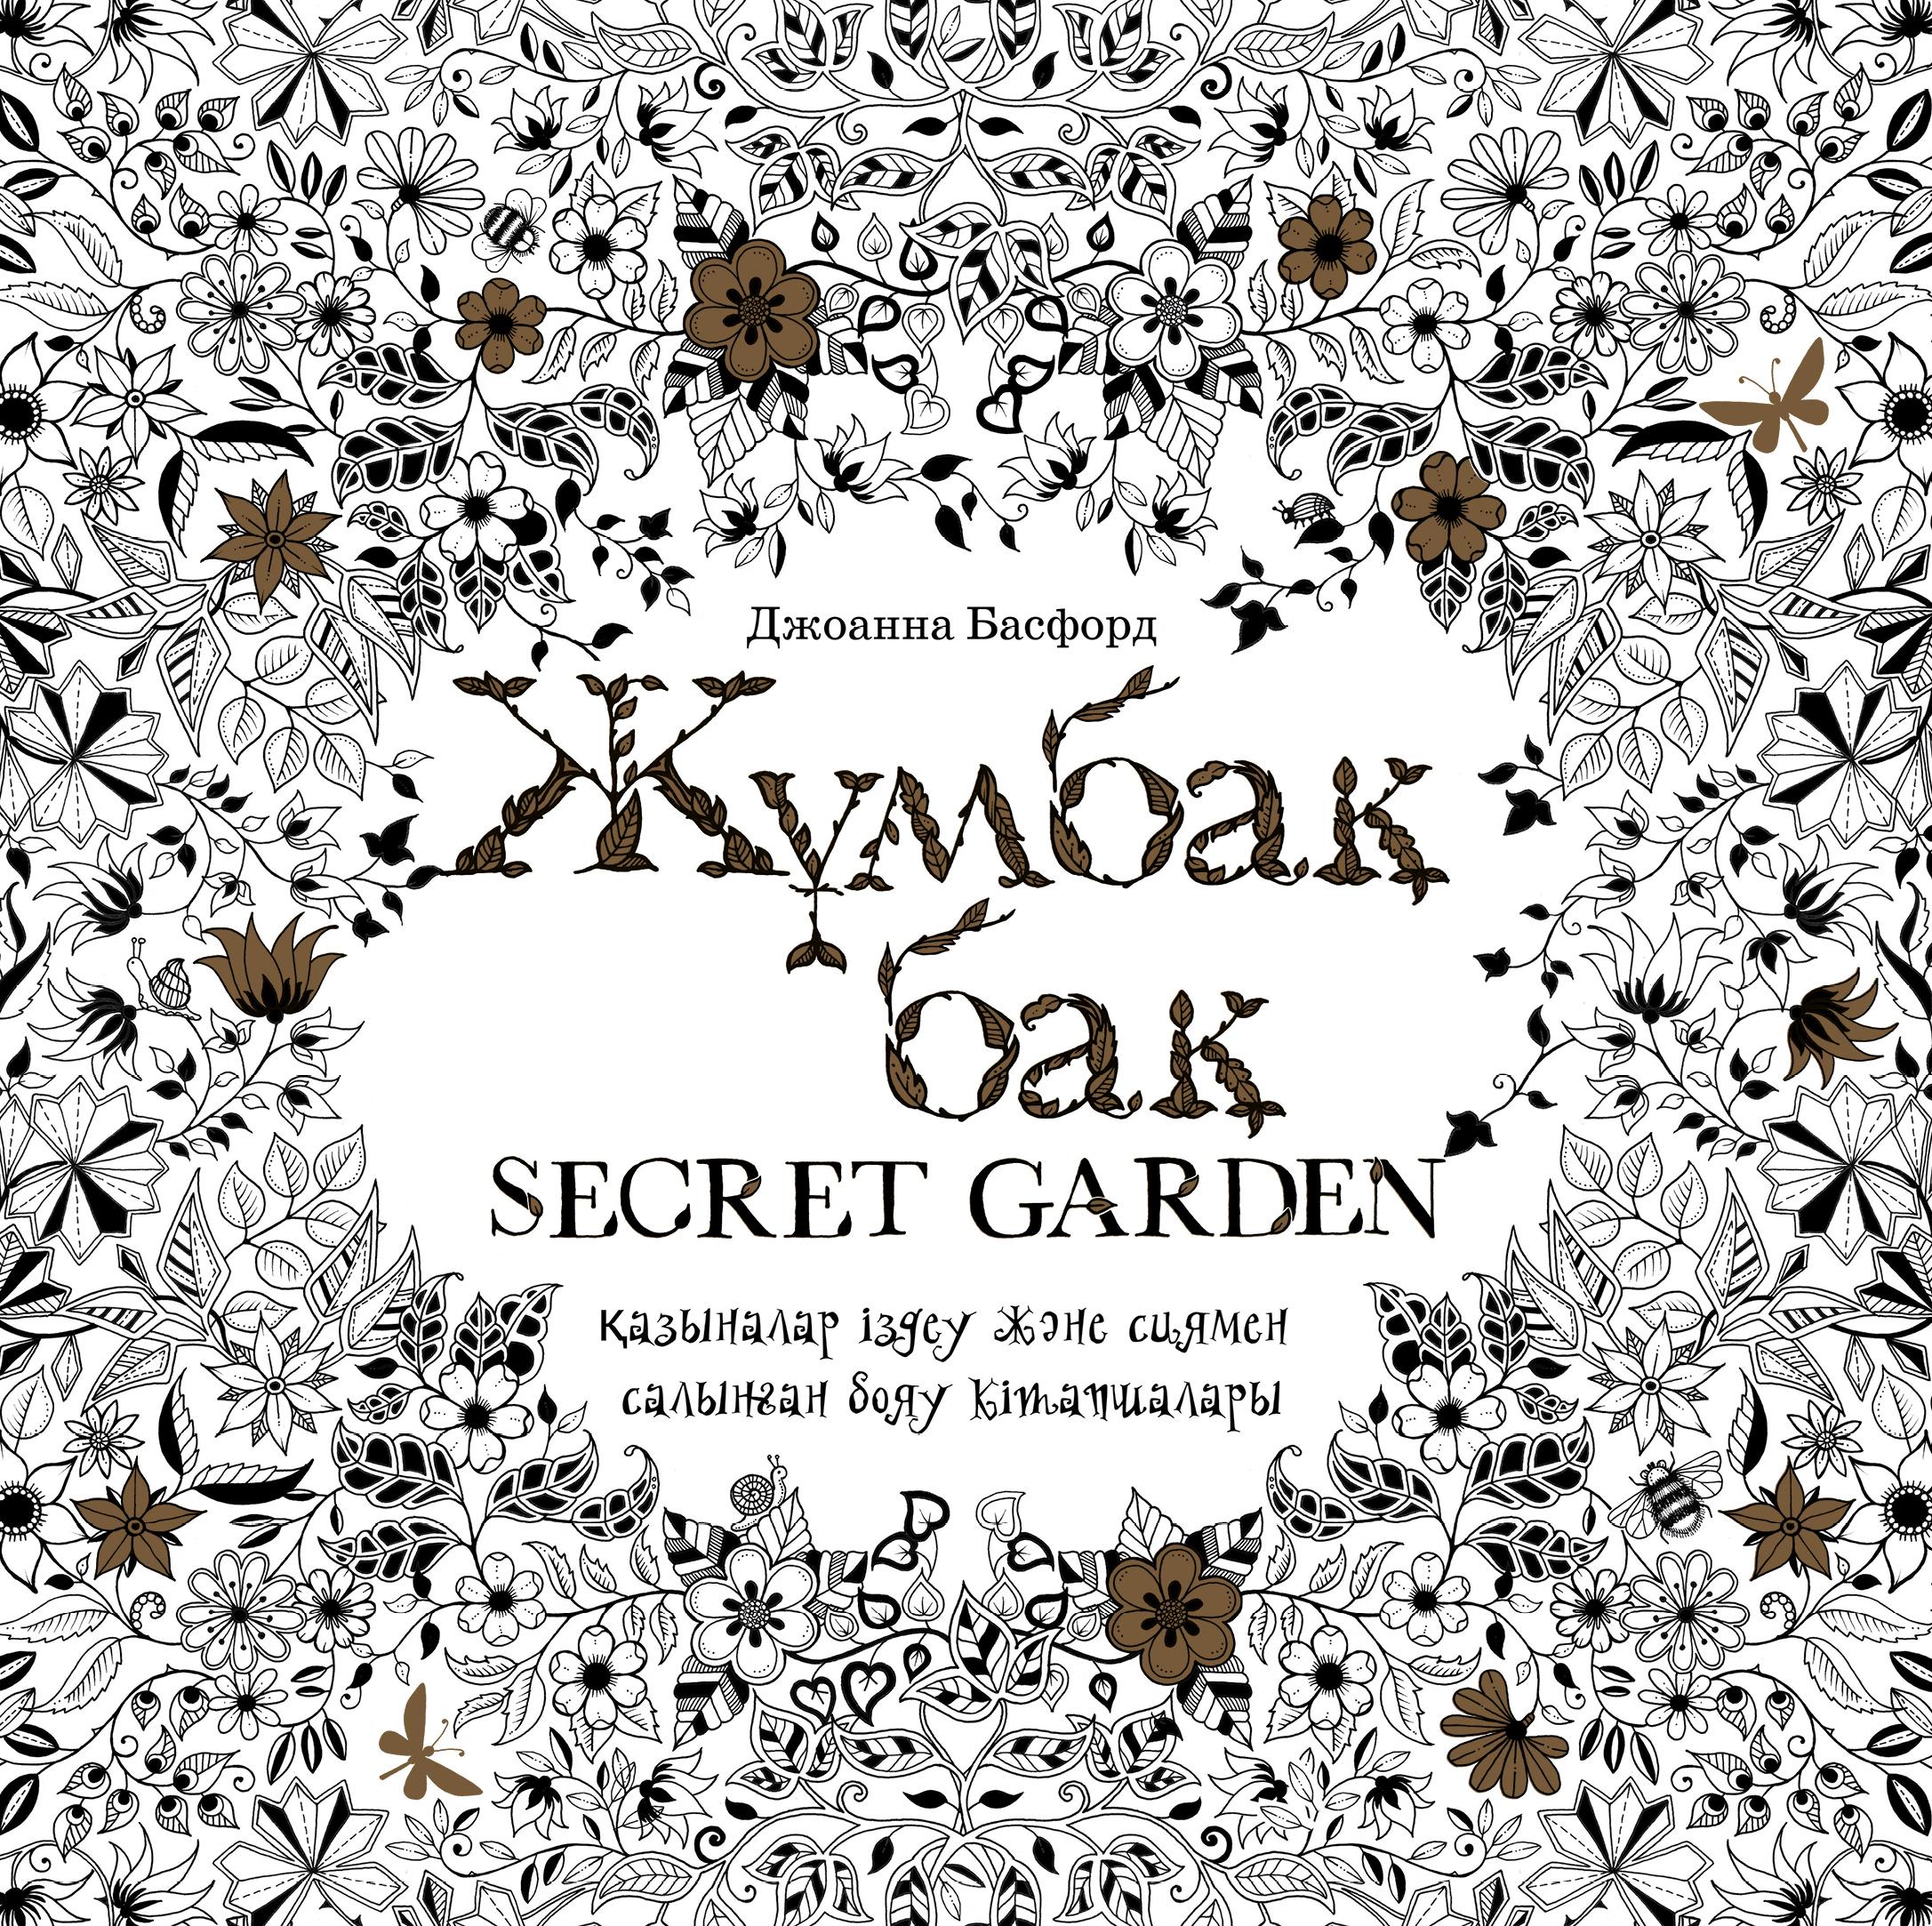 Джоанна Бэсфорд Жумбак бак (Таинственный сад) бэсфорд дж таинственный сад книга для творчества и вдохновения